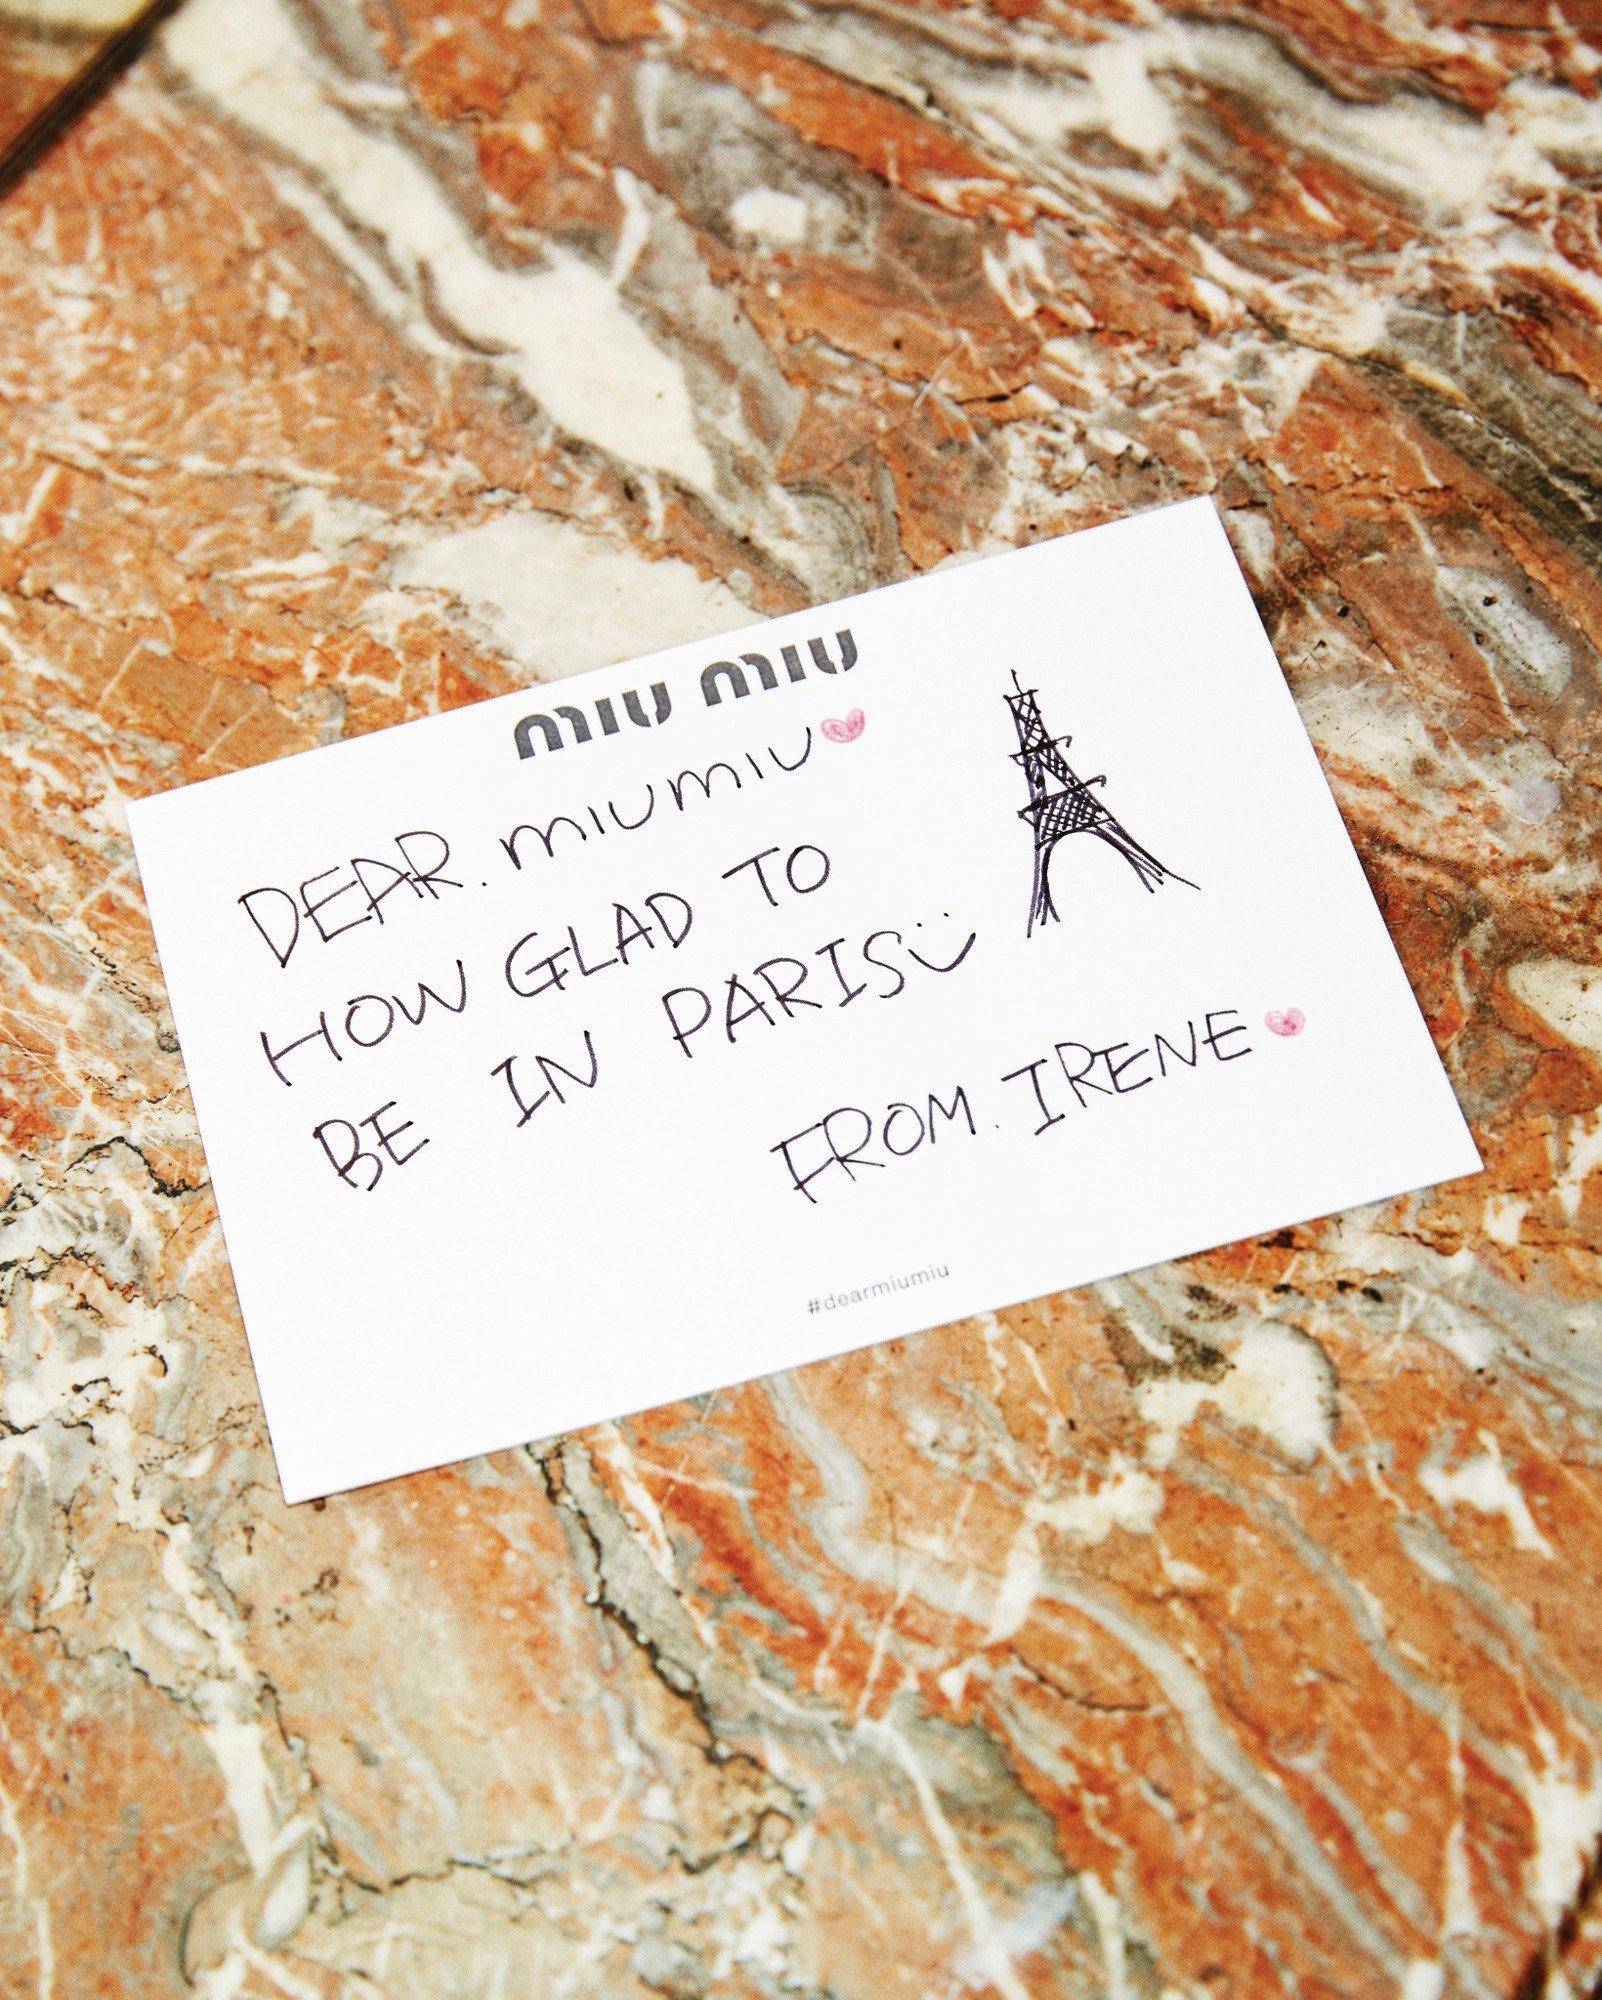 irene-red velvet-miumiu-6-www.kgirls.net.jpg